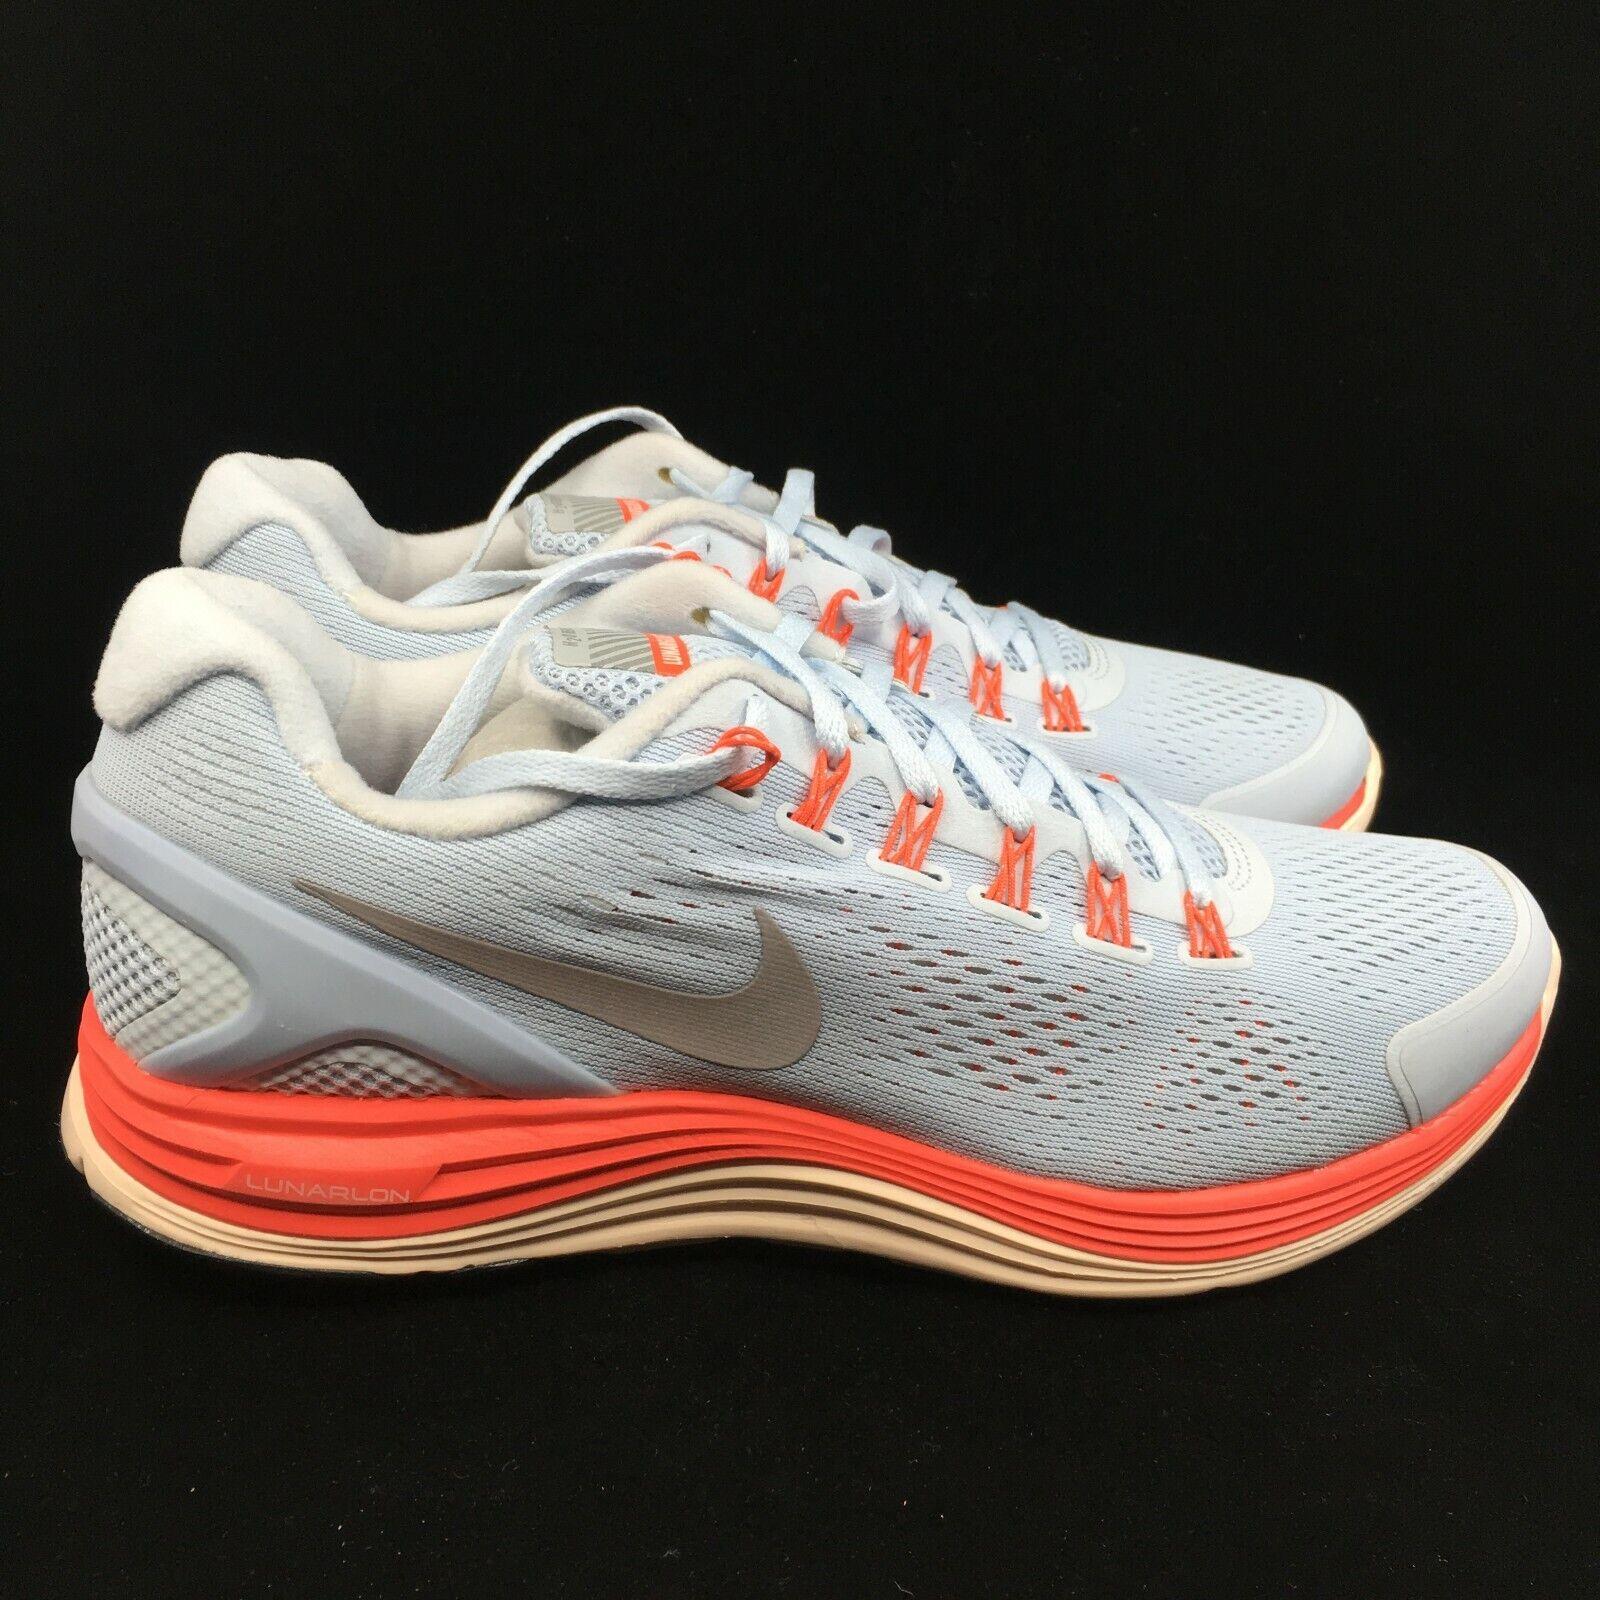 New Nike Lunarglide 4 Shield - blu  Running Light, Cross Training Wouomo 11.5  Sconto del 70%